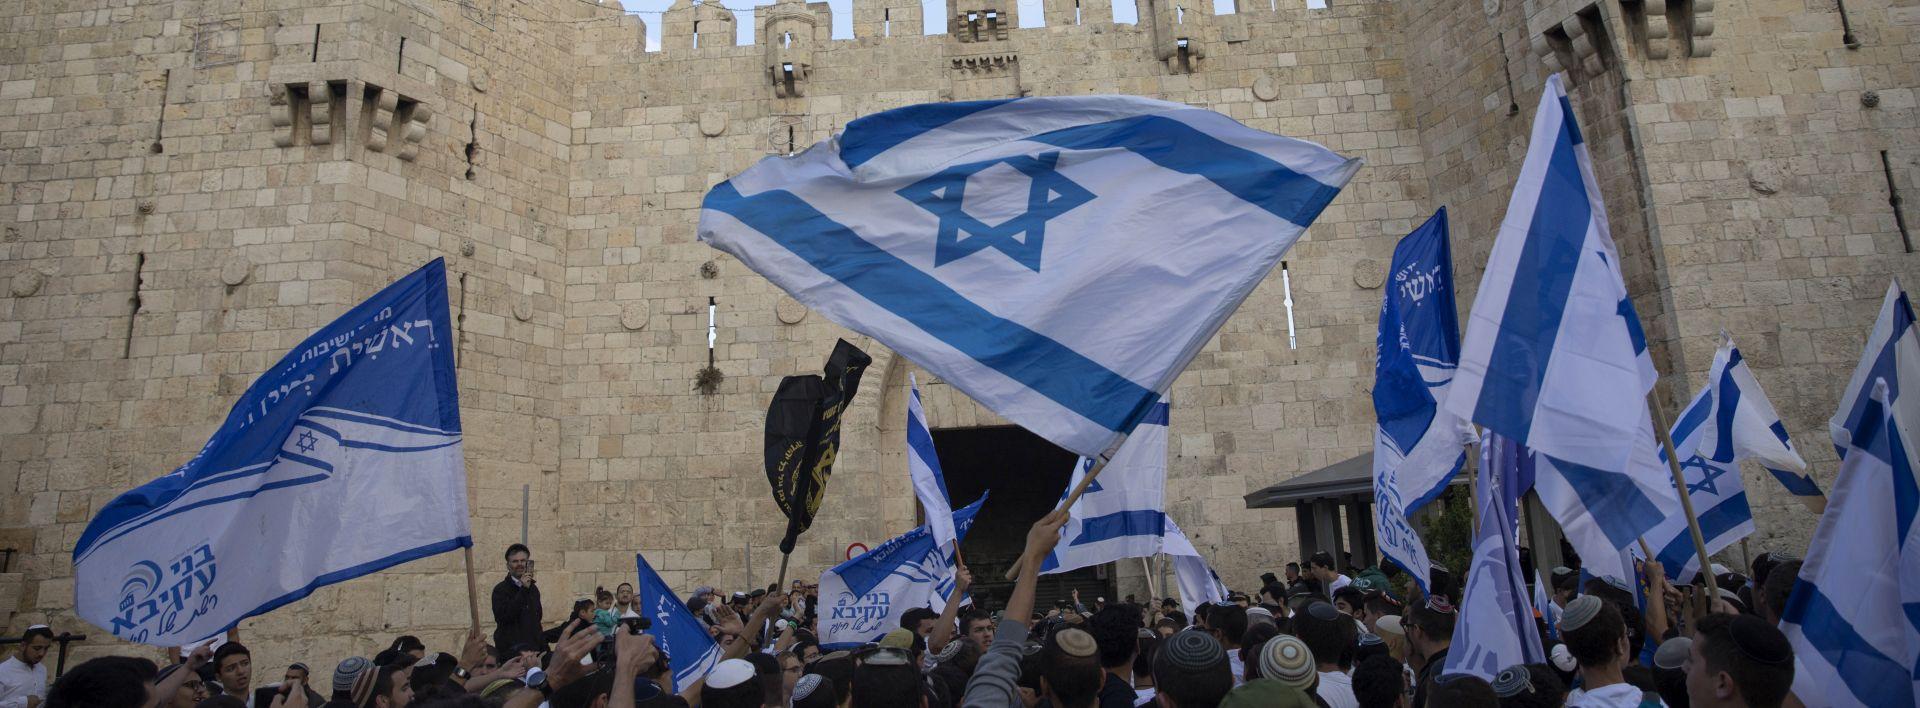 SAD otvara veleposlanstvo u Jeruzalemu, Palestinci prosvjeduju